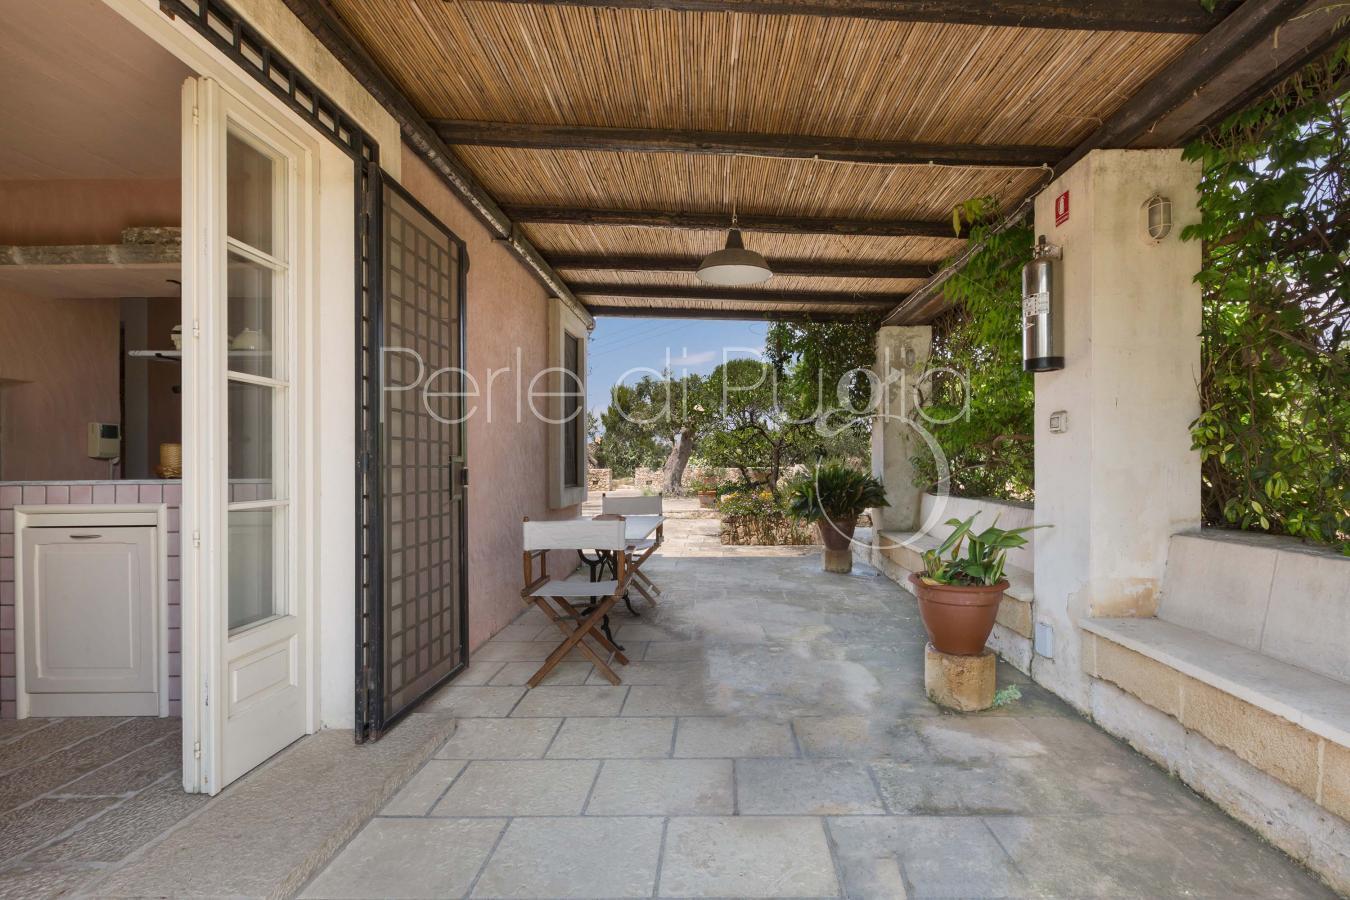 Suite in villa con piscina a sannicola vicino gallipoli for Nuove case con suite suocera